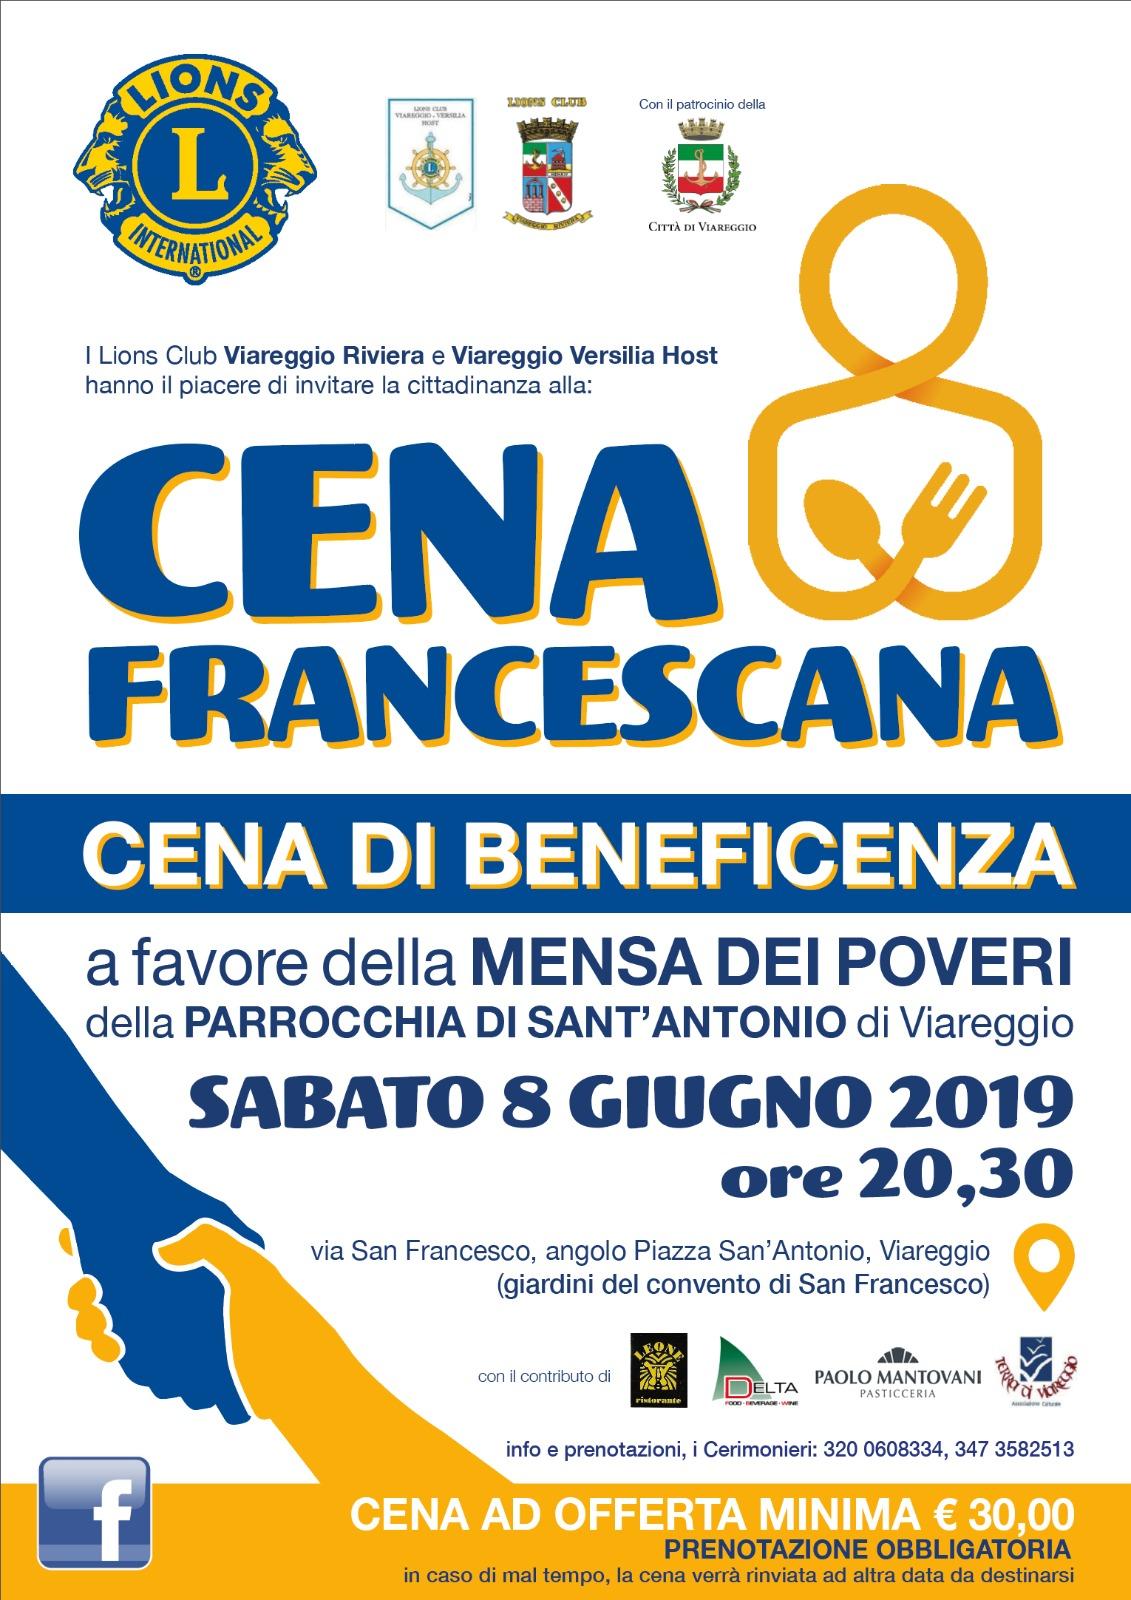 Lions a sostegno della mensa dei poveri della parrocchia di Sant'Antonio